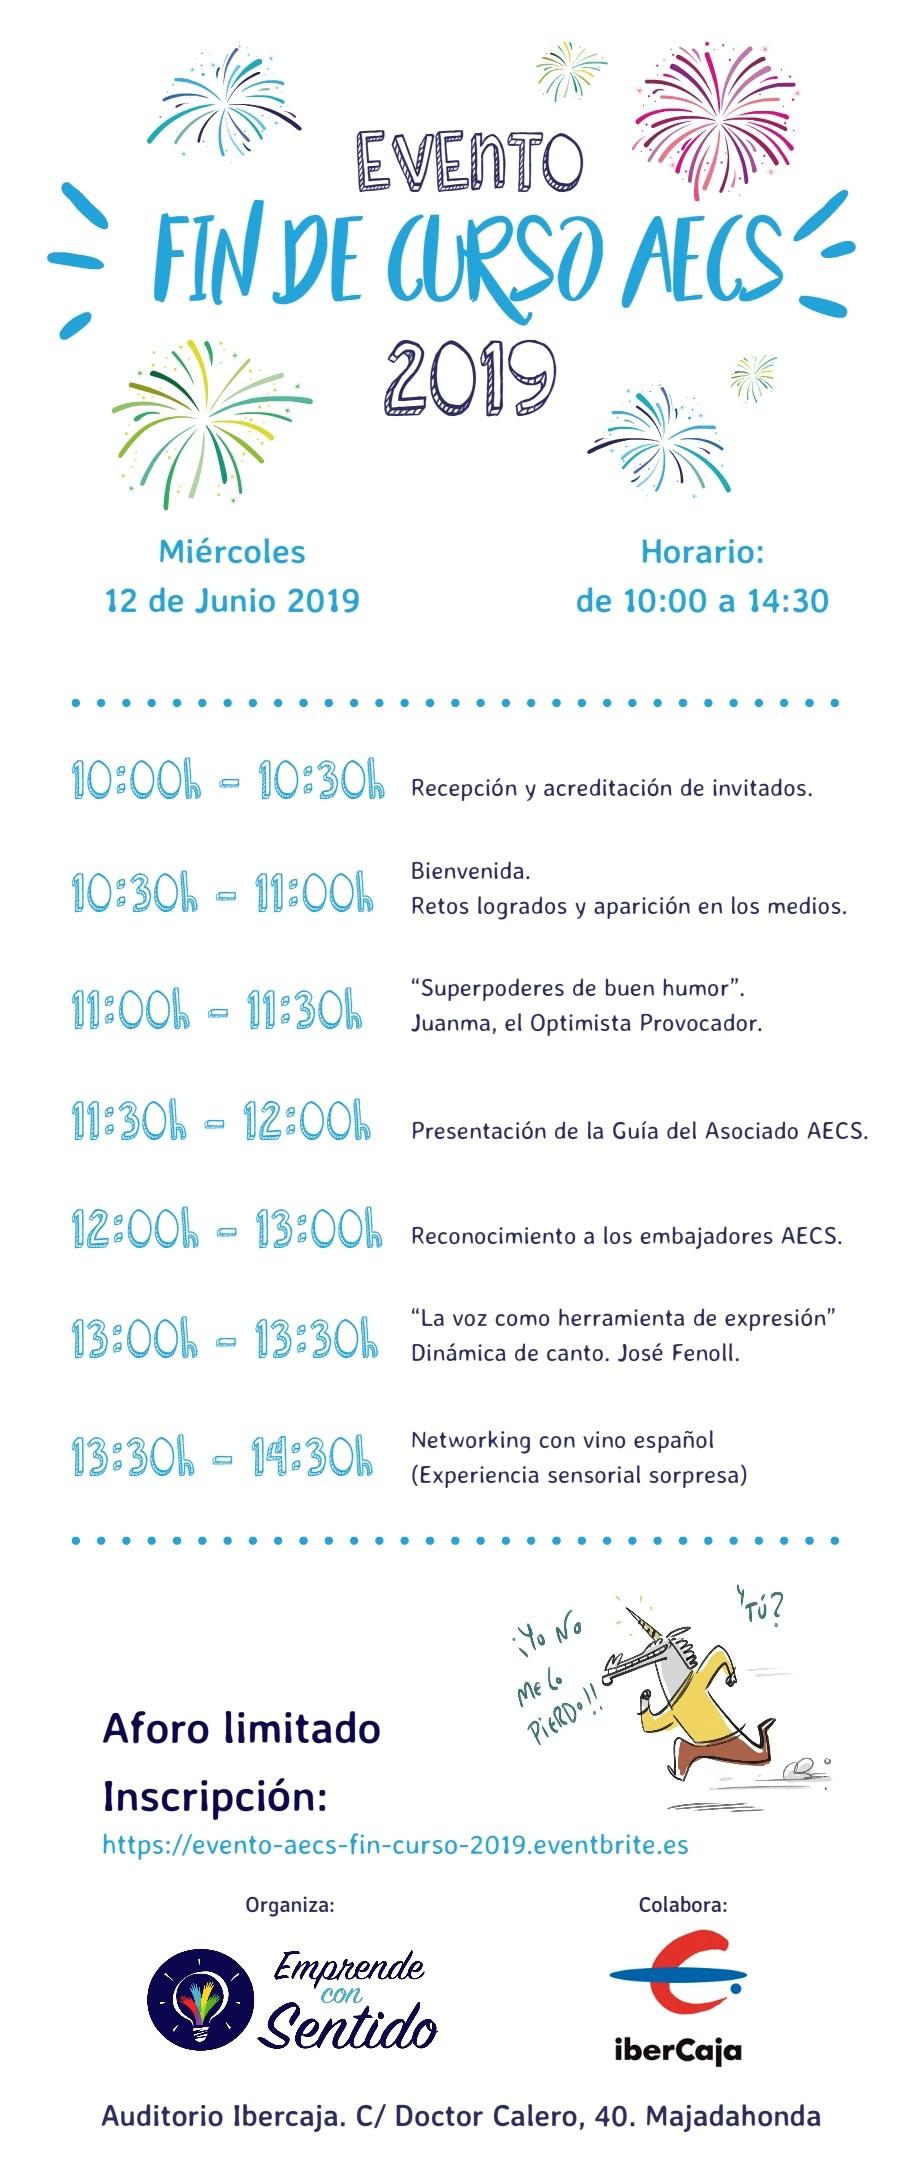 Cartel Evento fin de curso AECS 2019